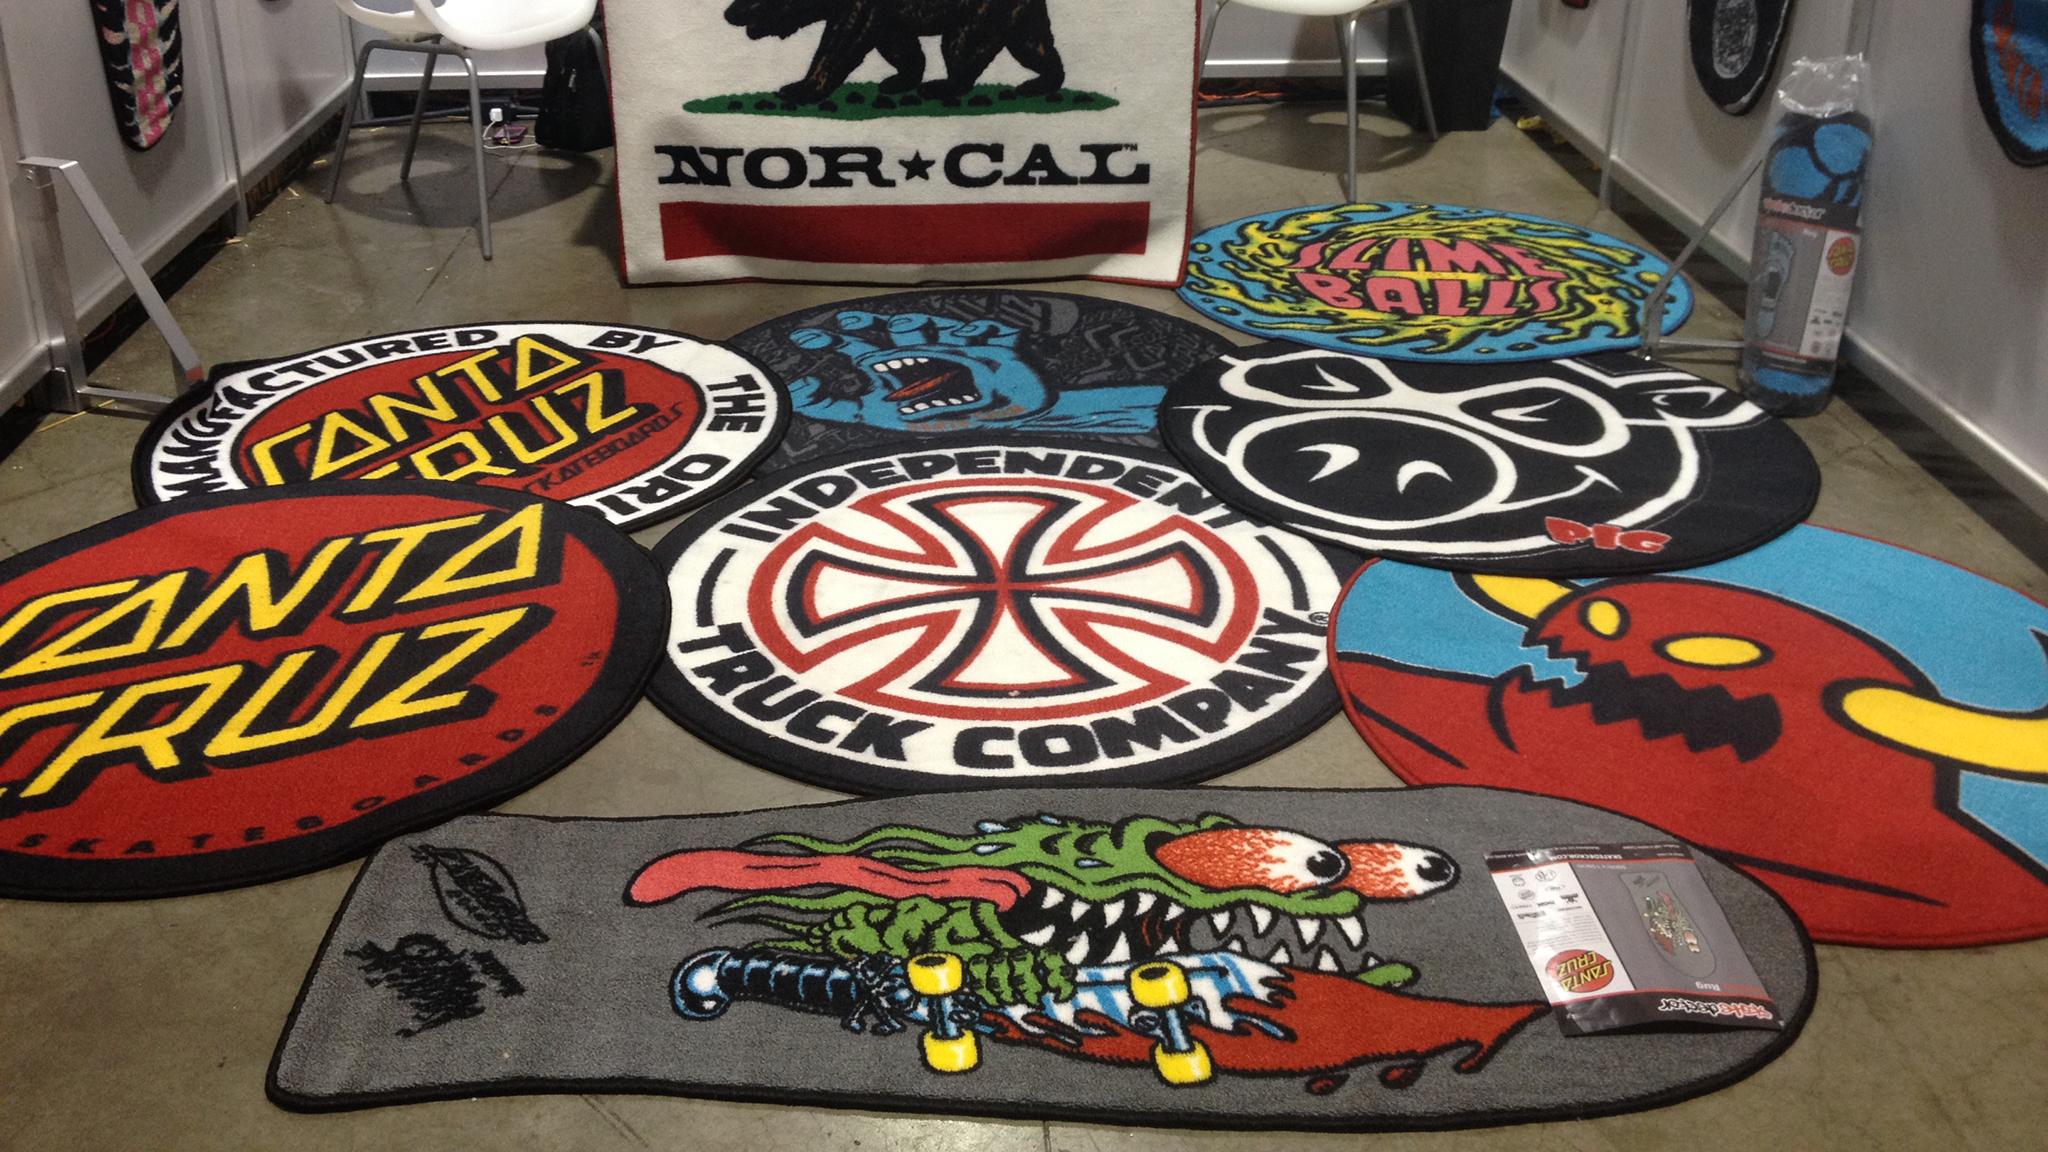 Skate rugs